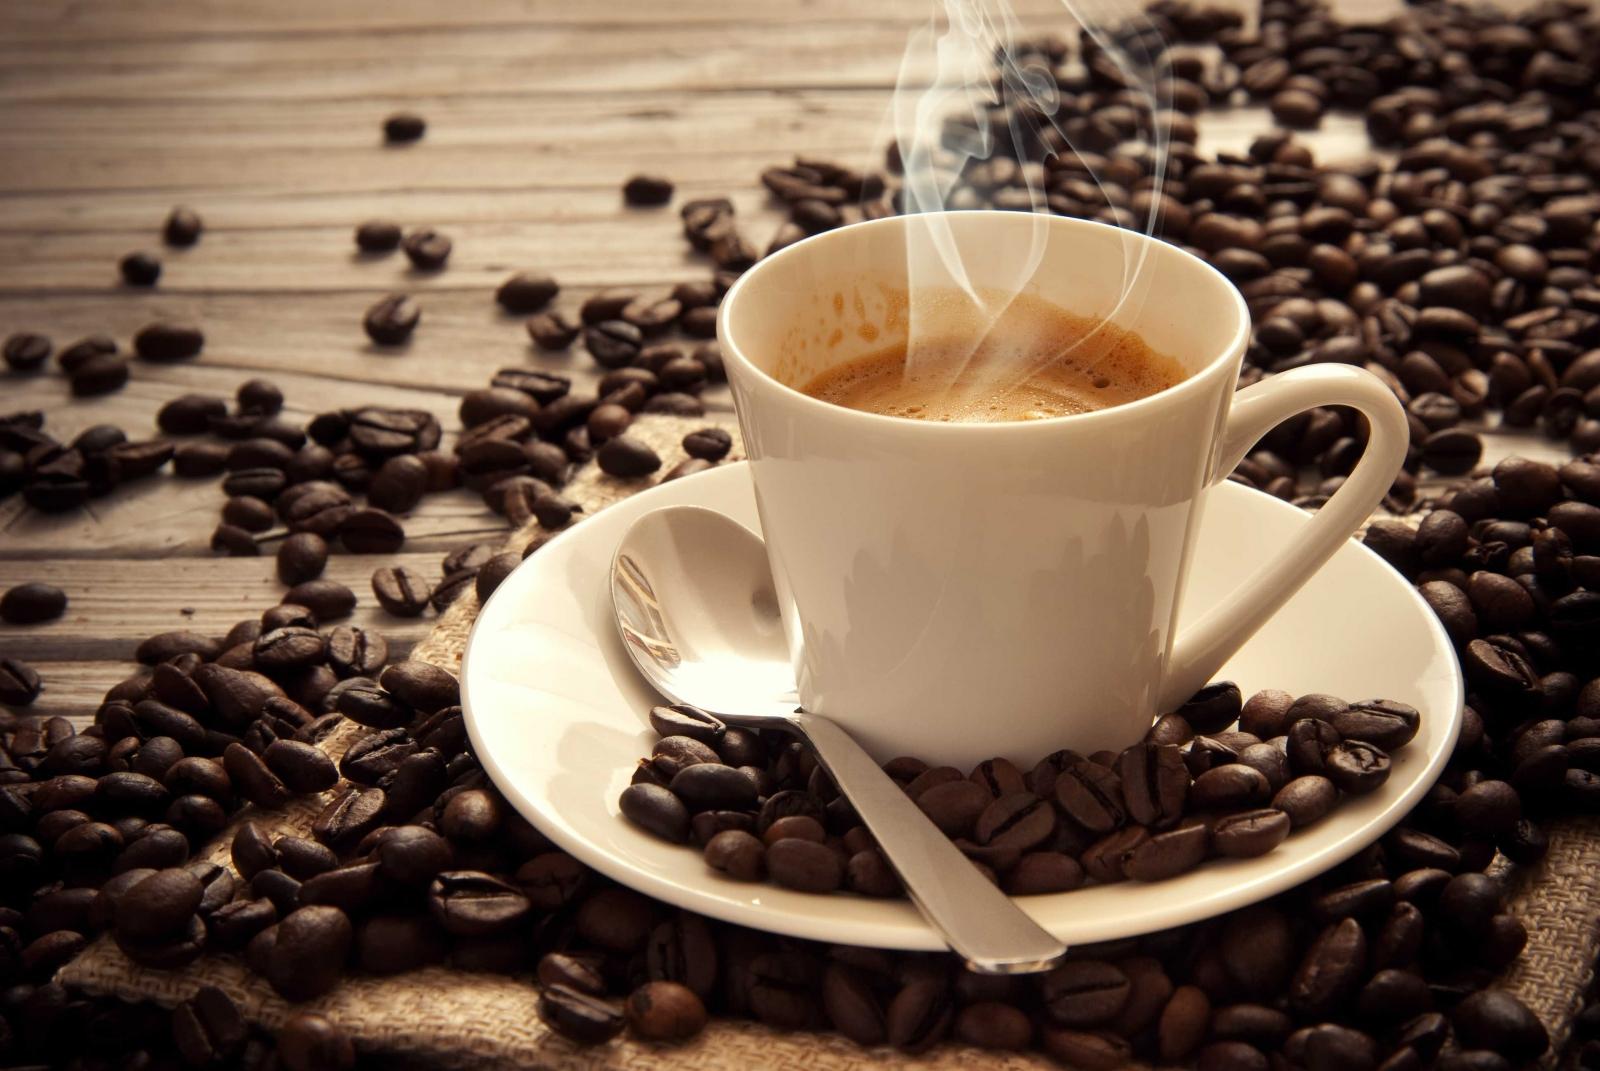 آیا قهوه واقعا مفید است؟ 5 خاصیت شگفت انگیز قهوه